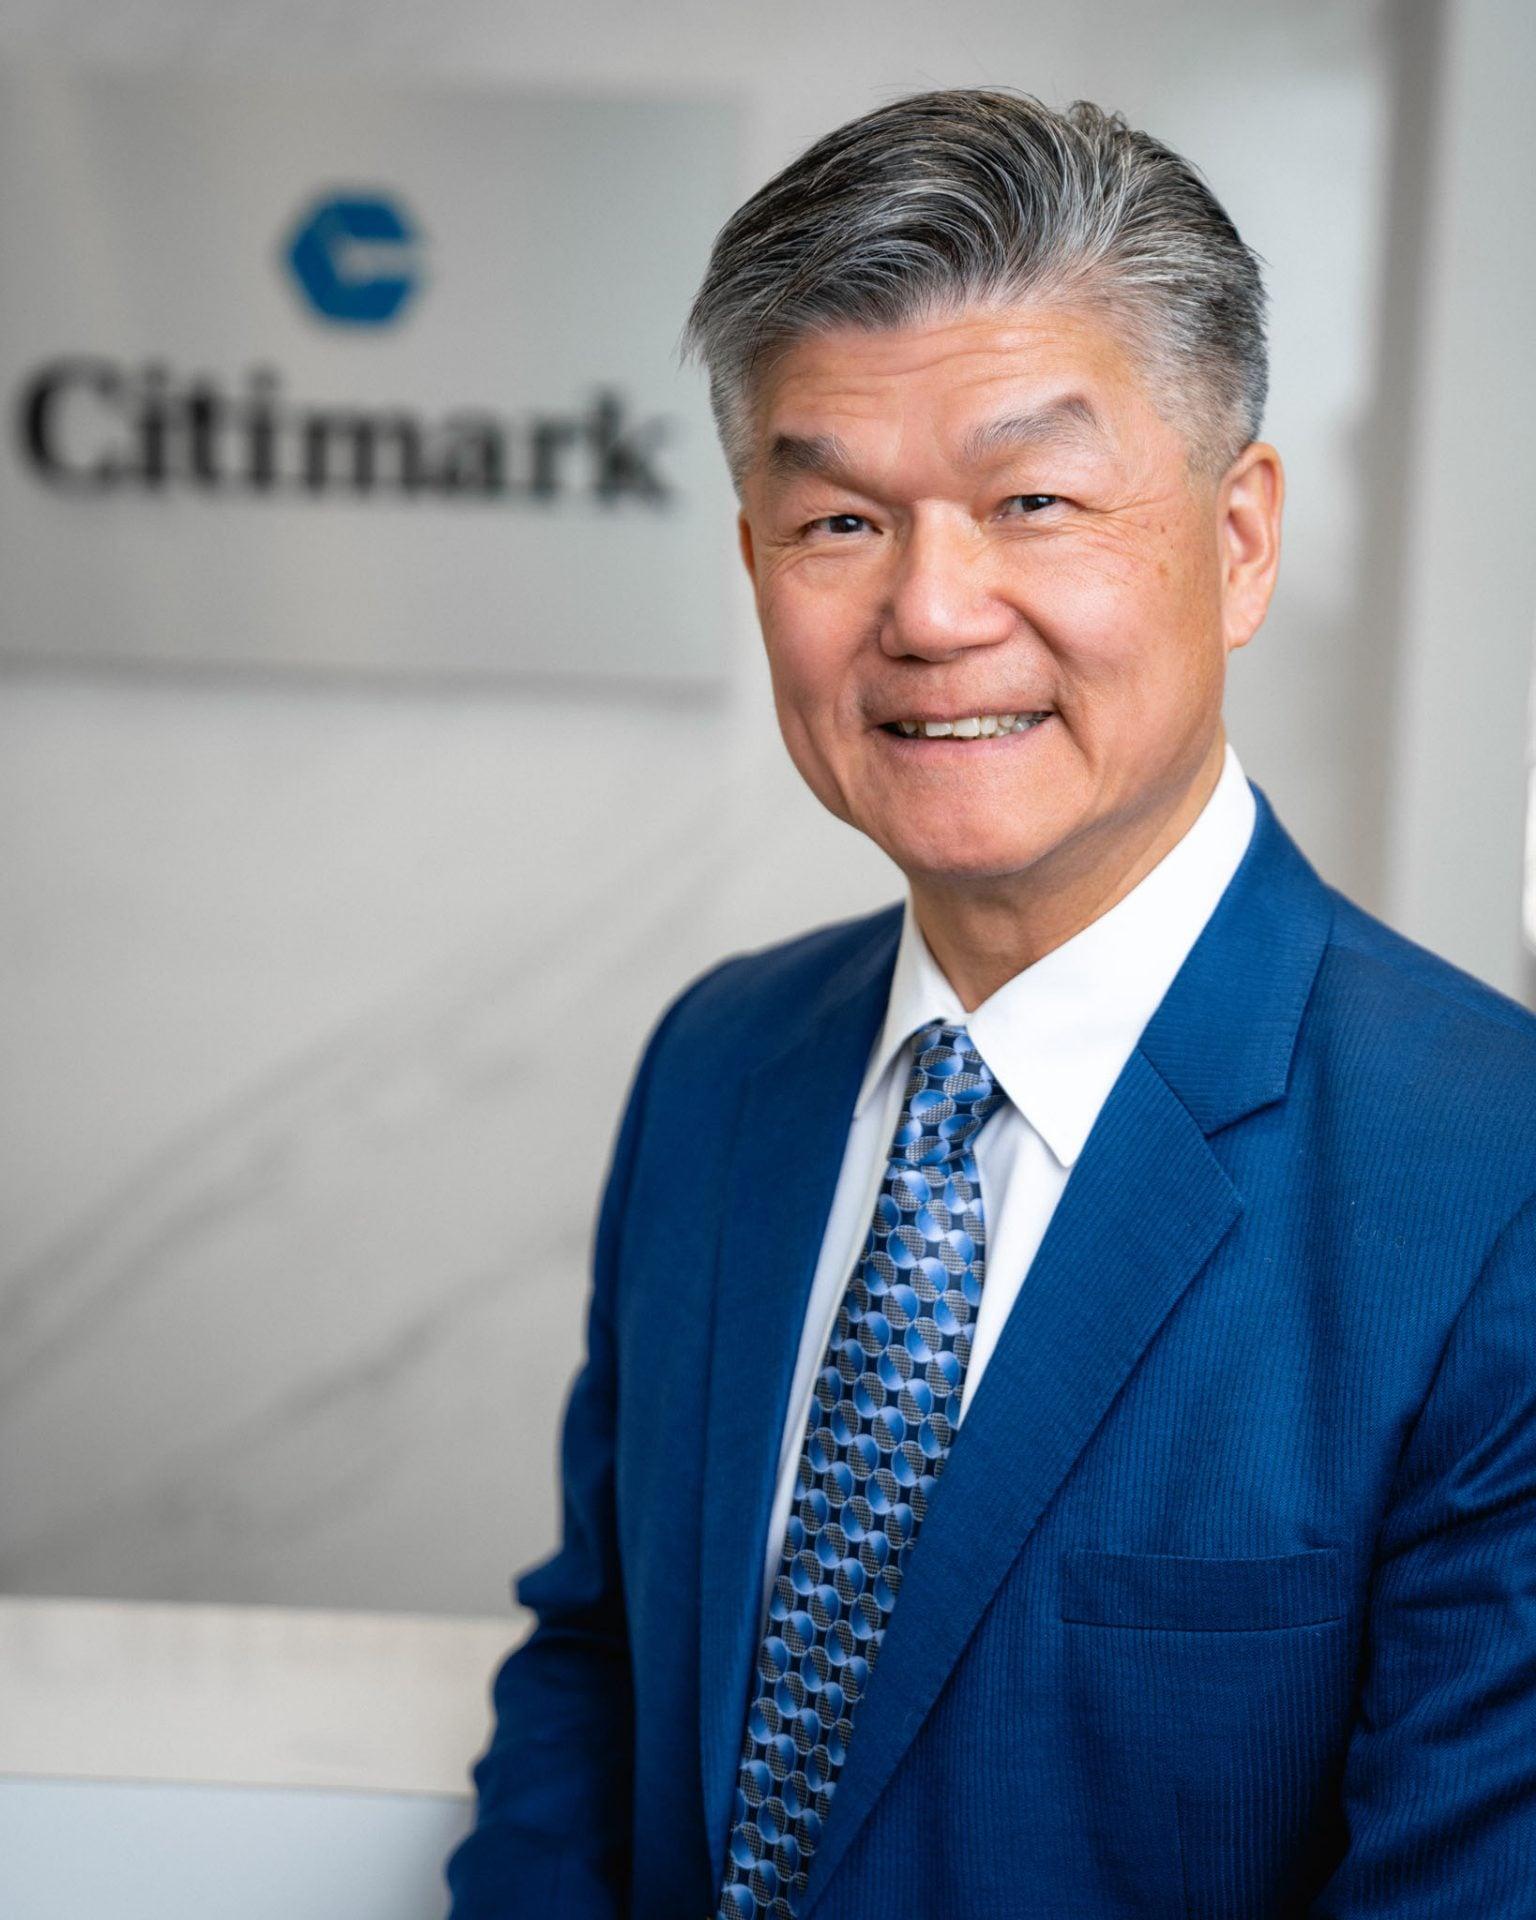 Citimark's President, Nelson Chan